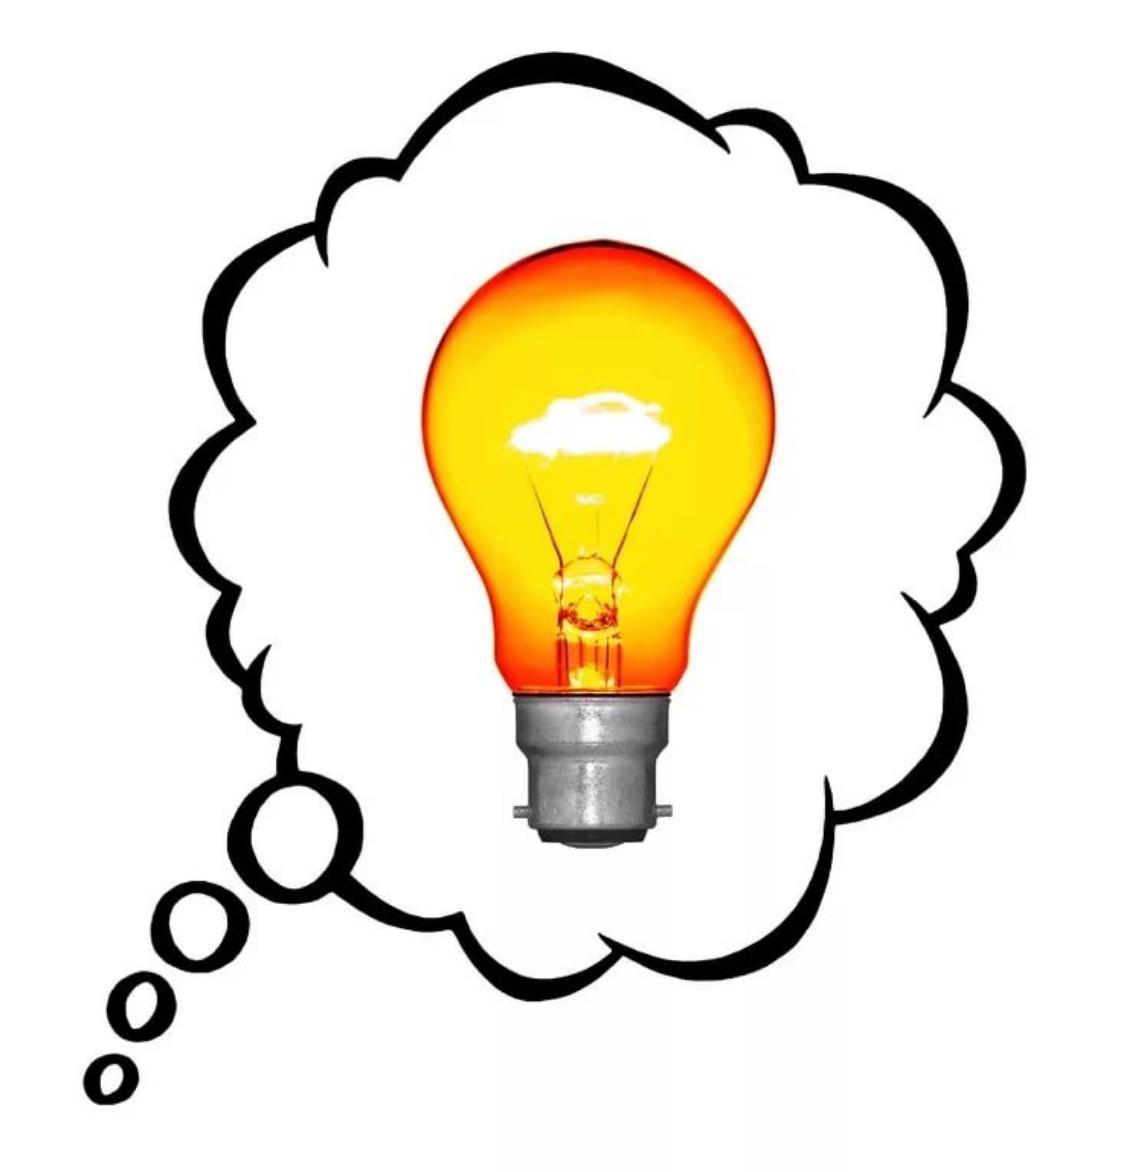 Как выбрать вентилятор (диаметр, тип вентилятора, способ установки) - часть 5